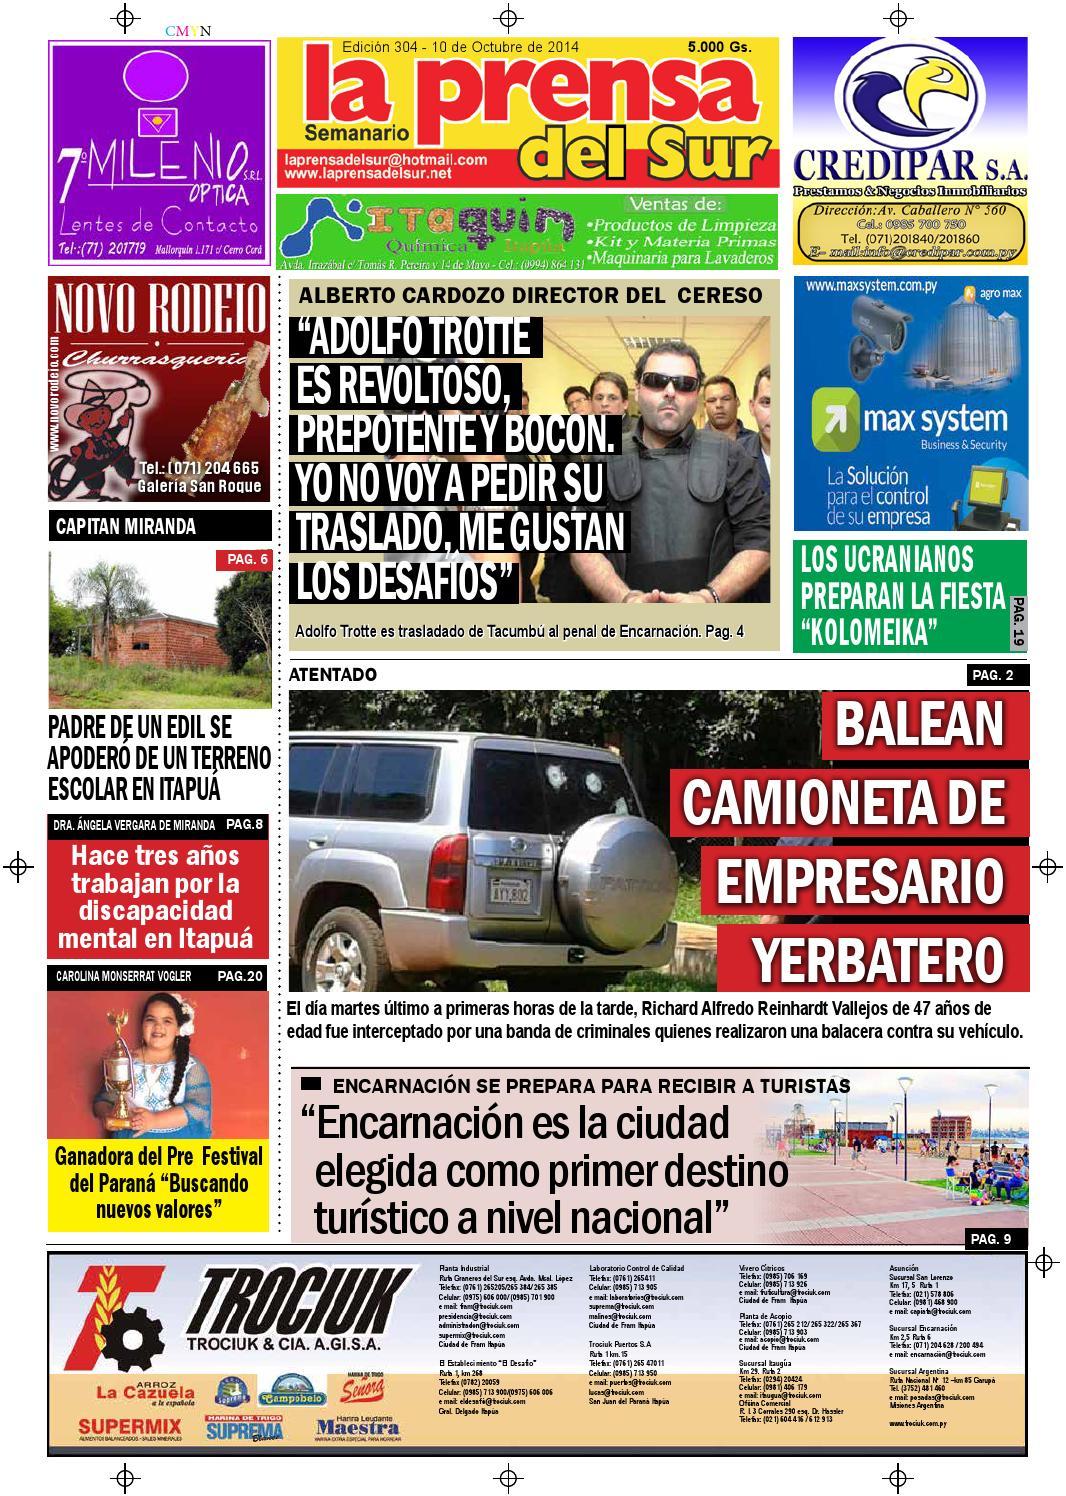 La Prensa del Sur by Roque Zynke - issuu